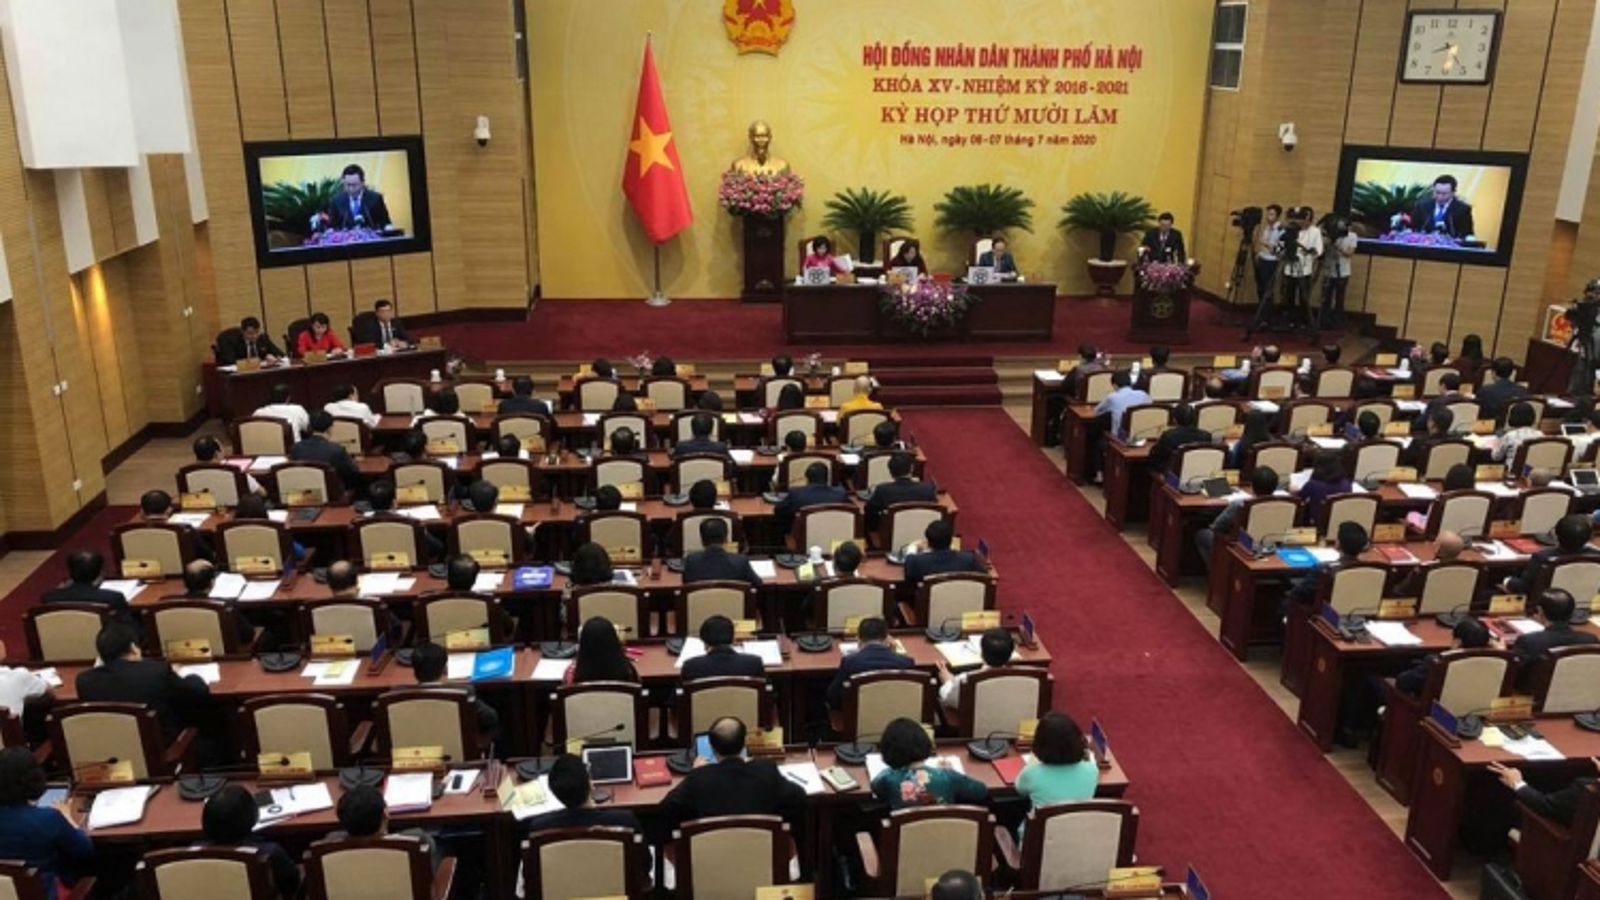 Ngàymai (10/11),HĐND TP Hà Nội tổ chức kỳ họp chuyên đề